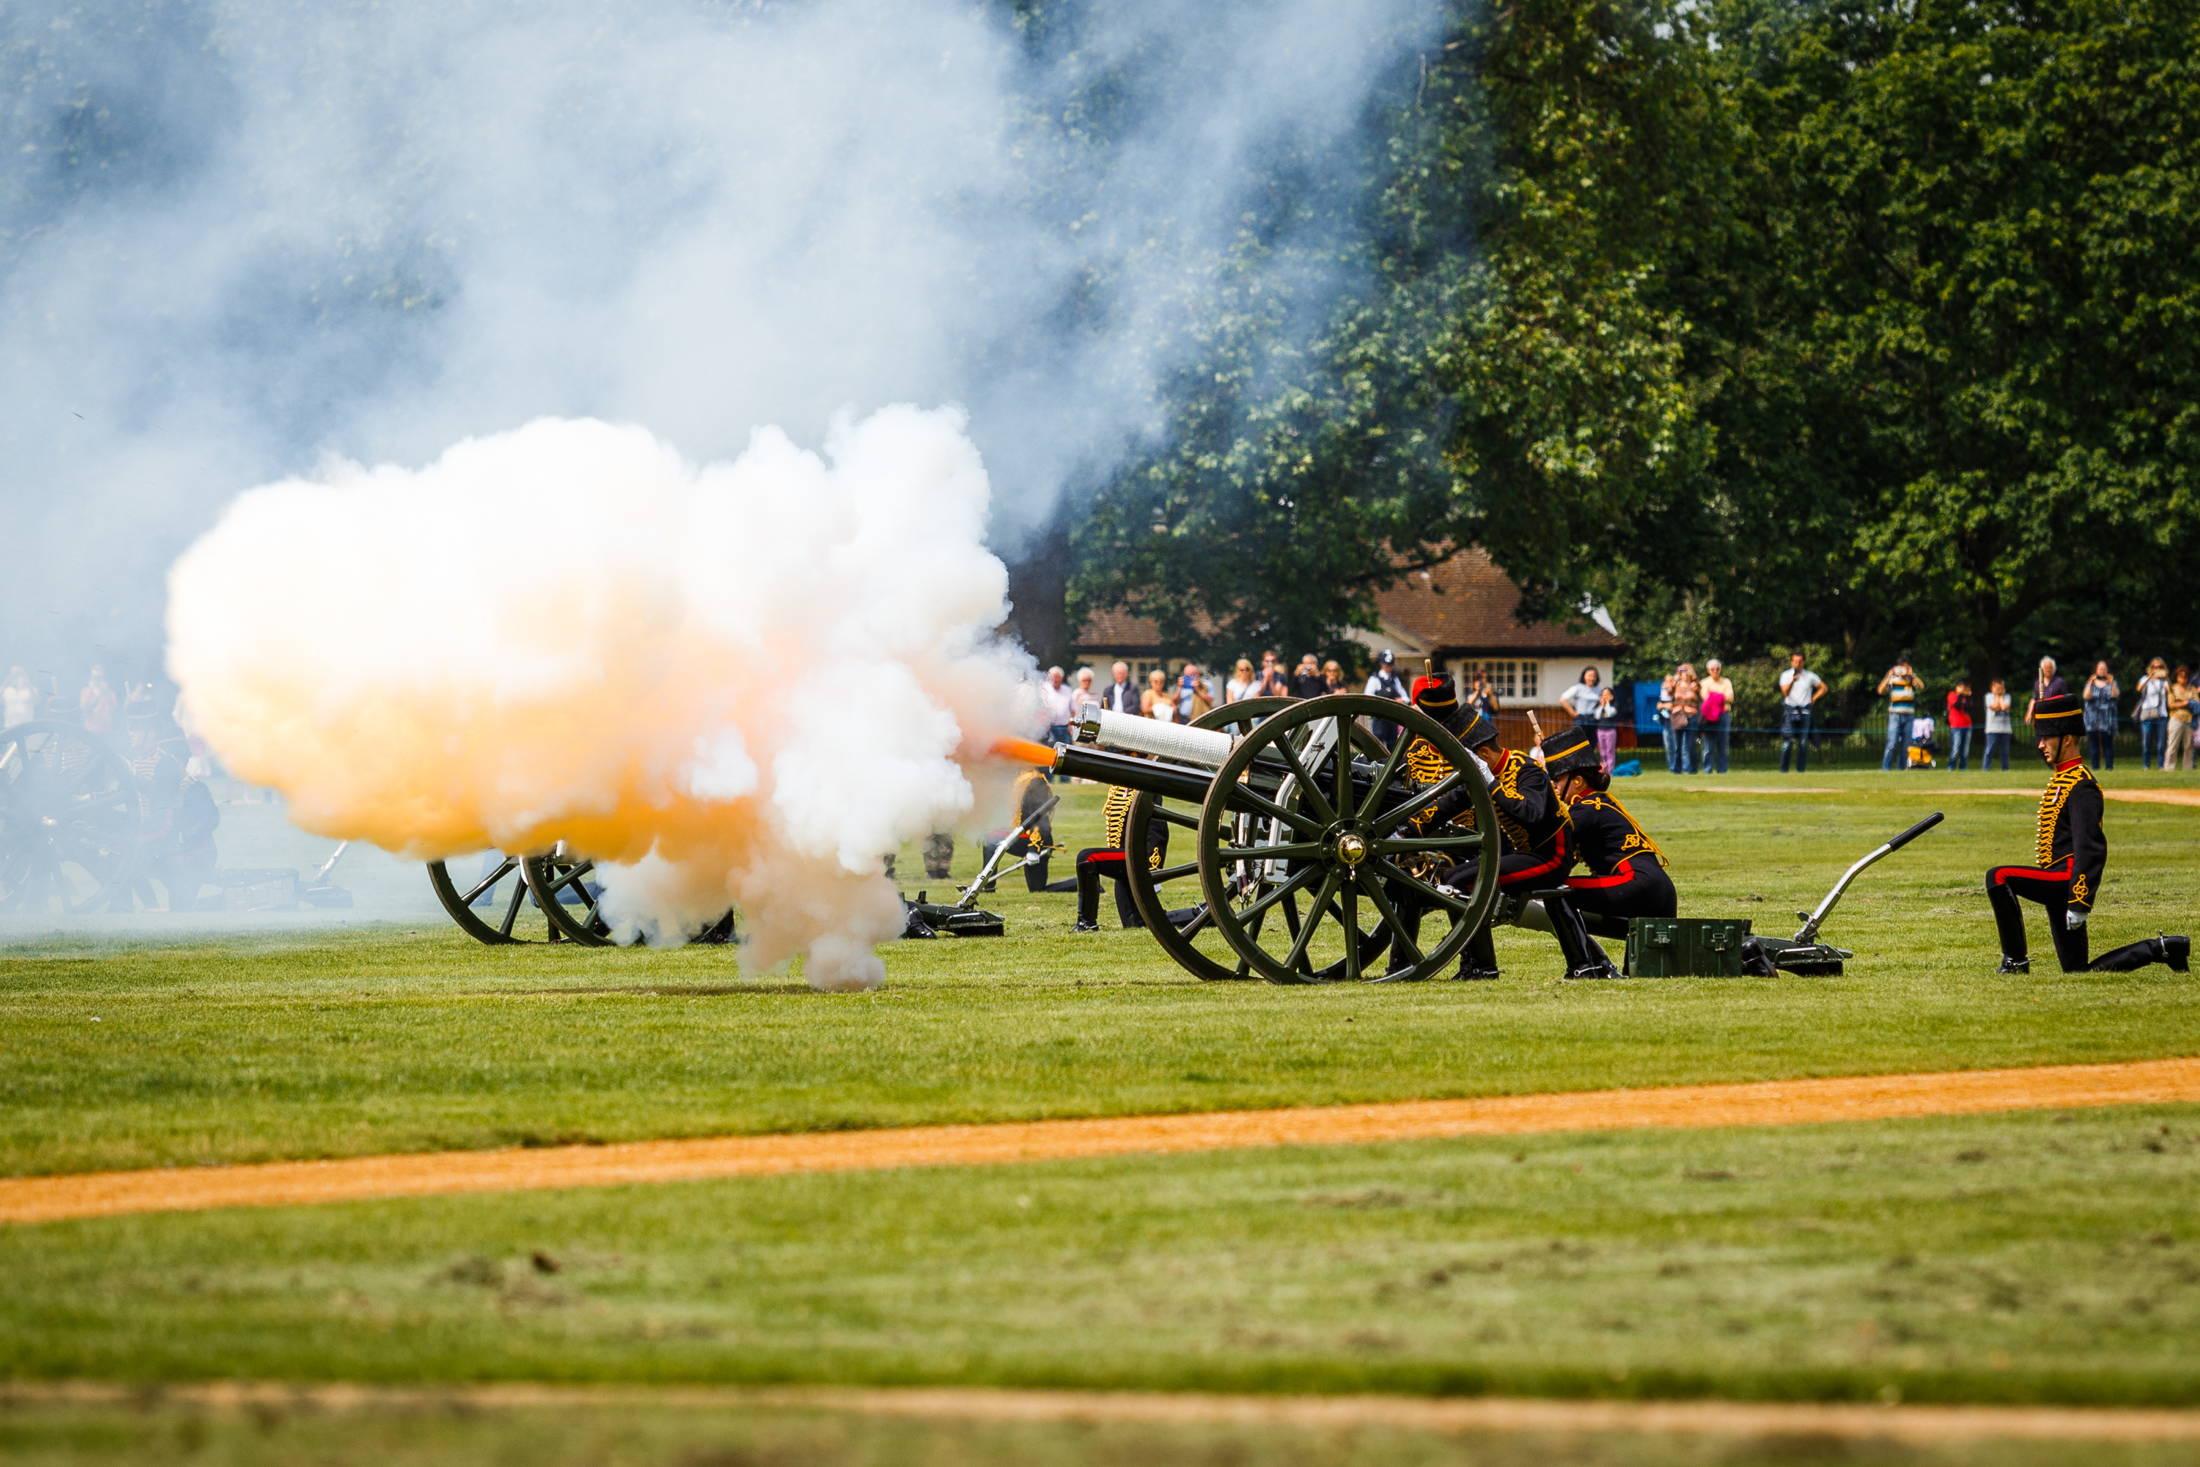 A 41 gun salute for the Duke of Edinburgh's Birthday in London